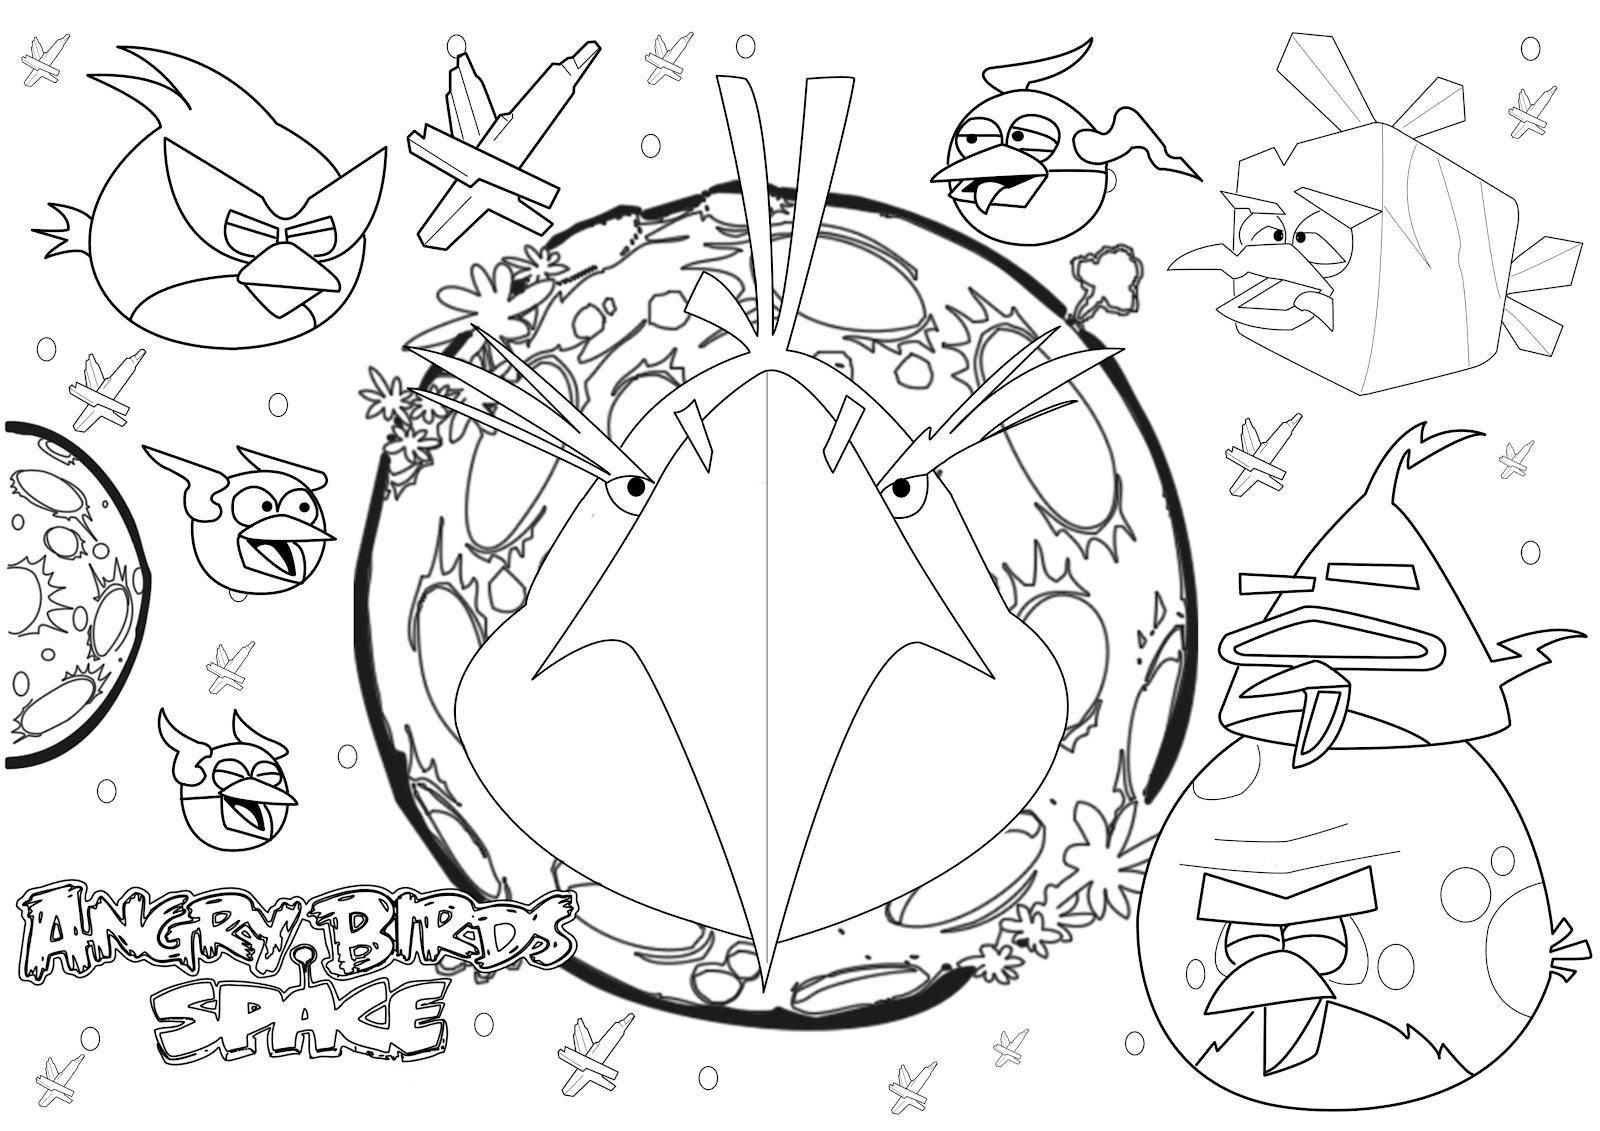 Dibujo para pintar de una nave espacia - Dibujos para